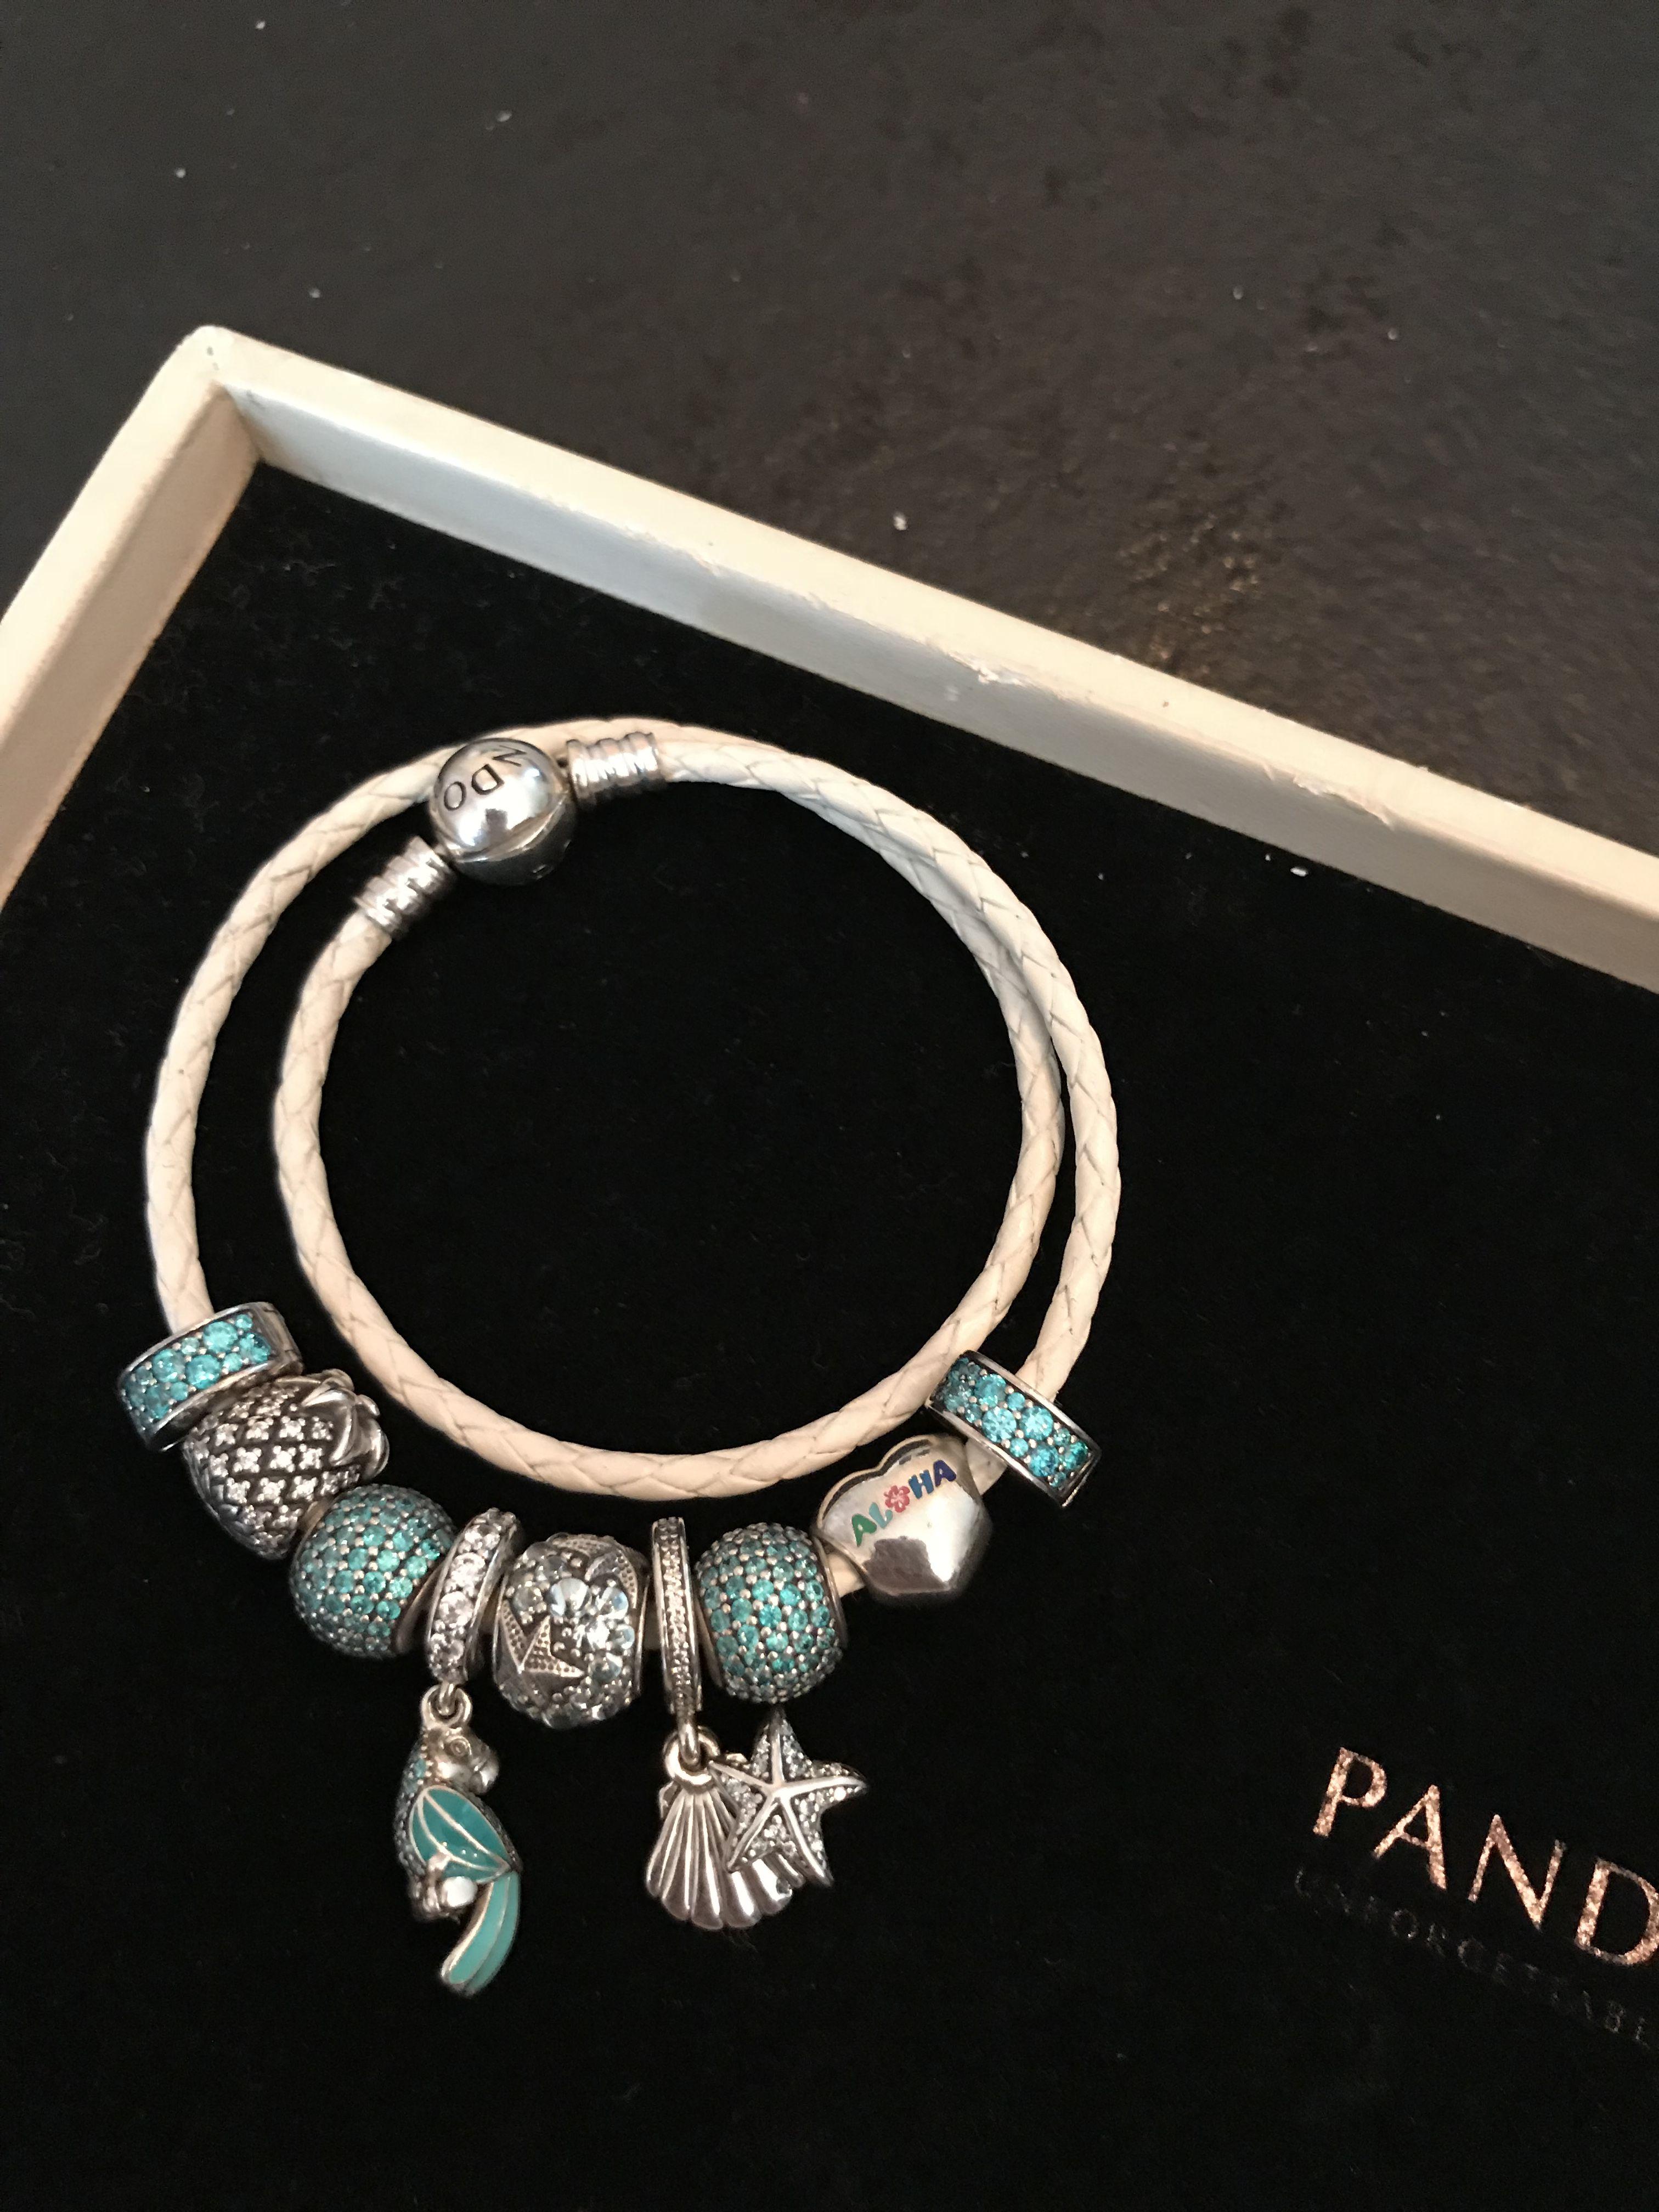 Pin by adar.moshaof on Pandora  d8d4d852087